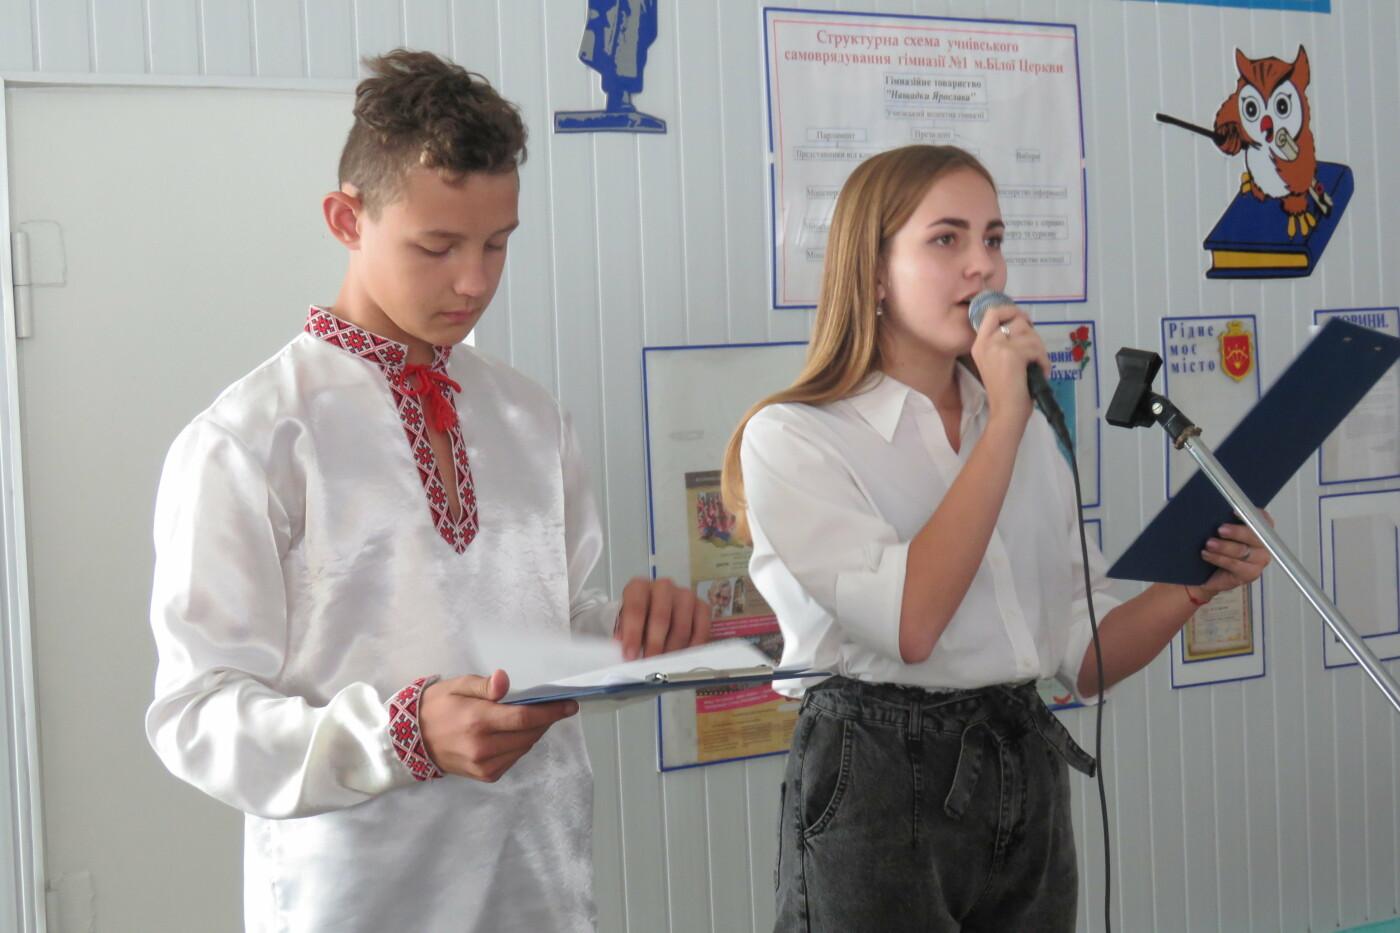 Білоцерківські школярі передали дітям з Попасної теплі слова та канцелярію , фото-2